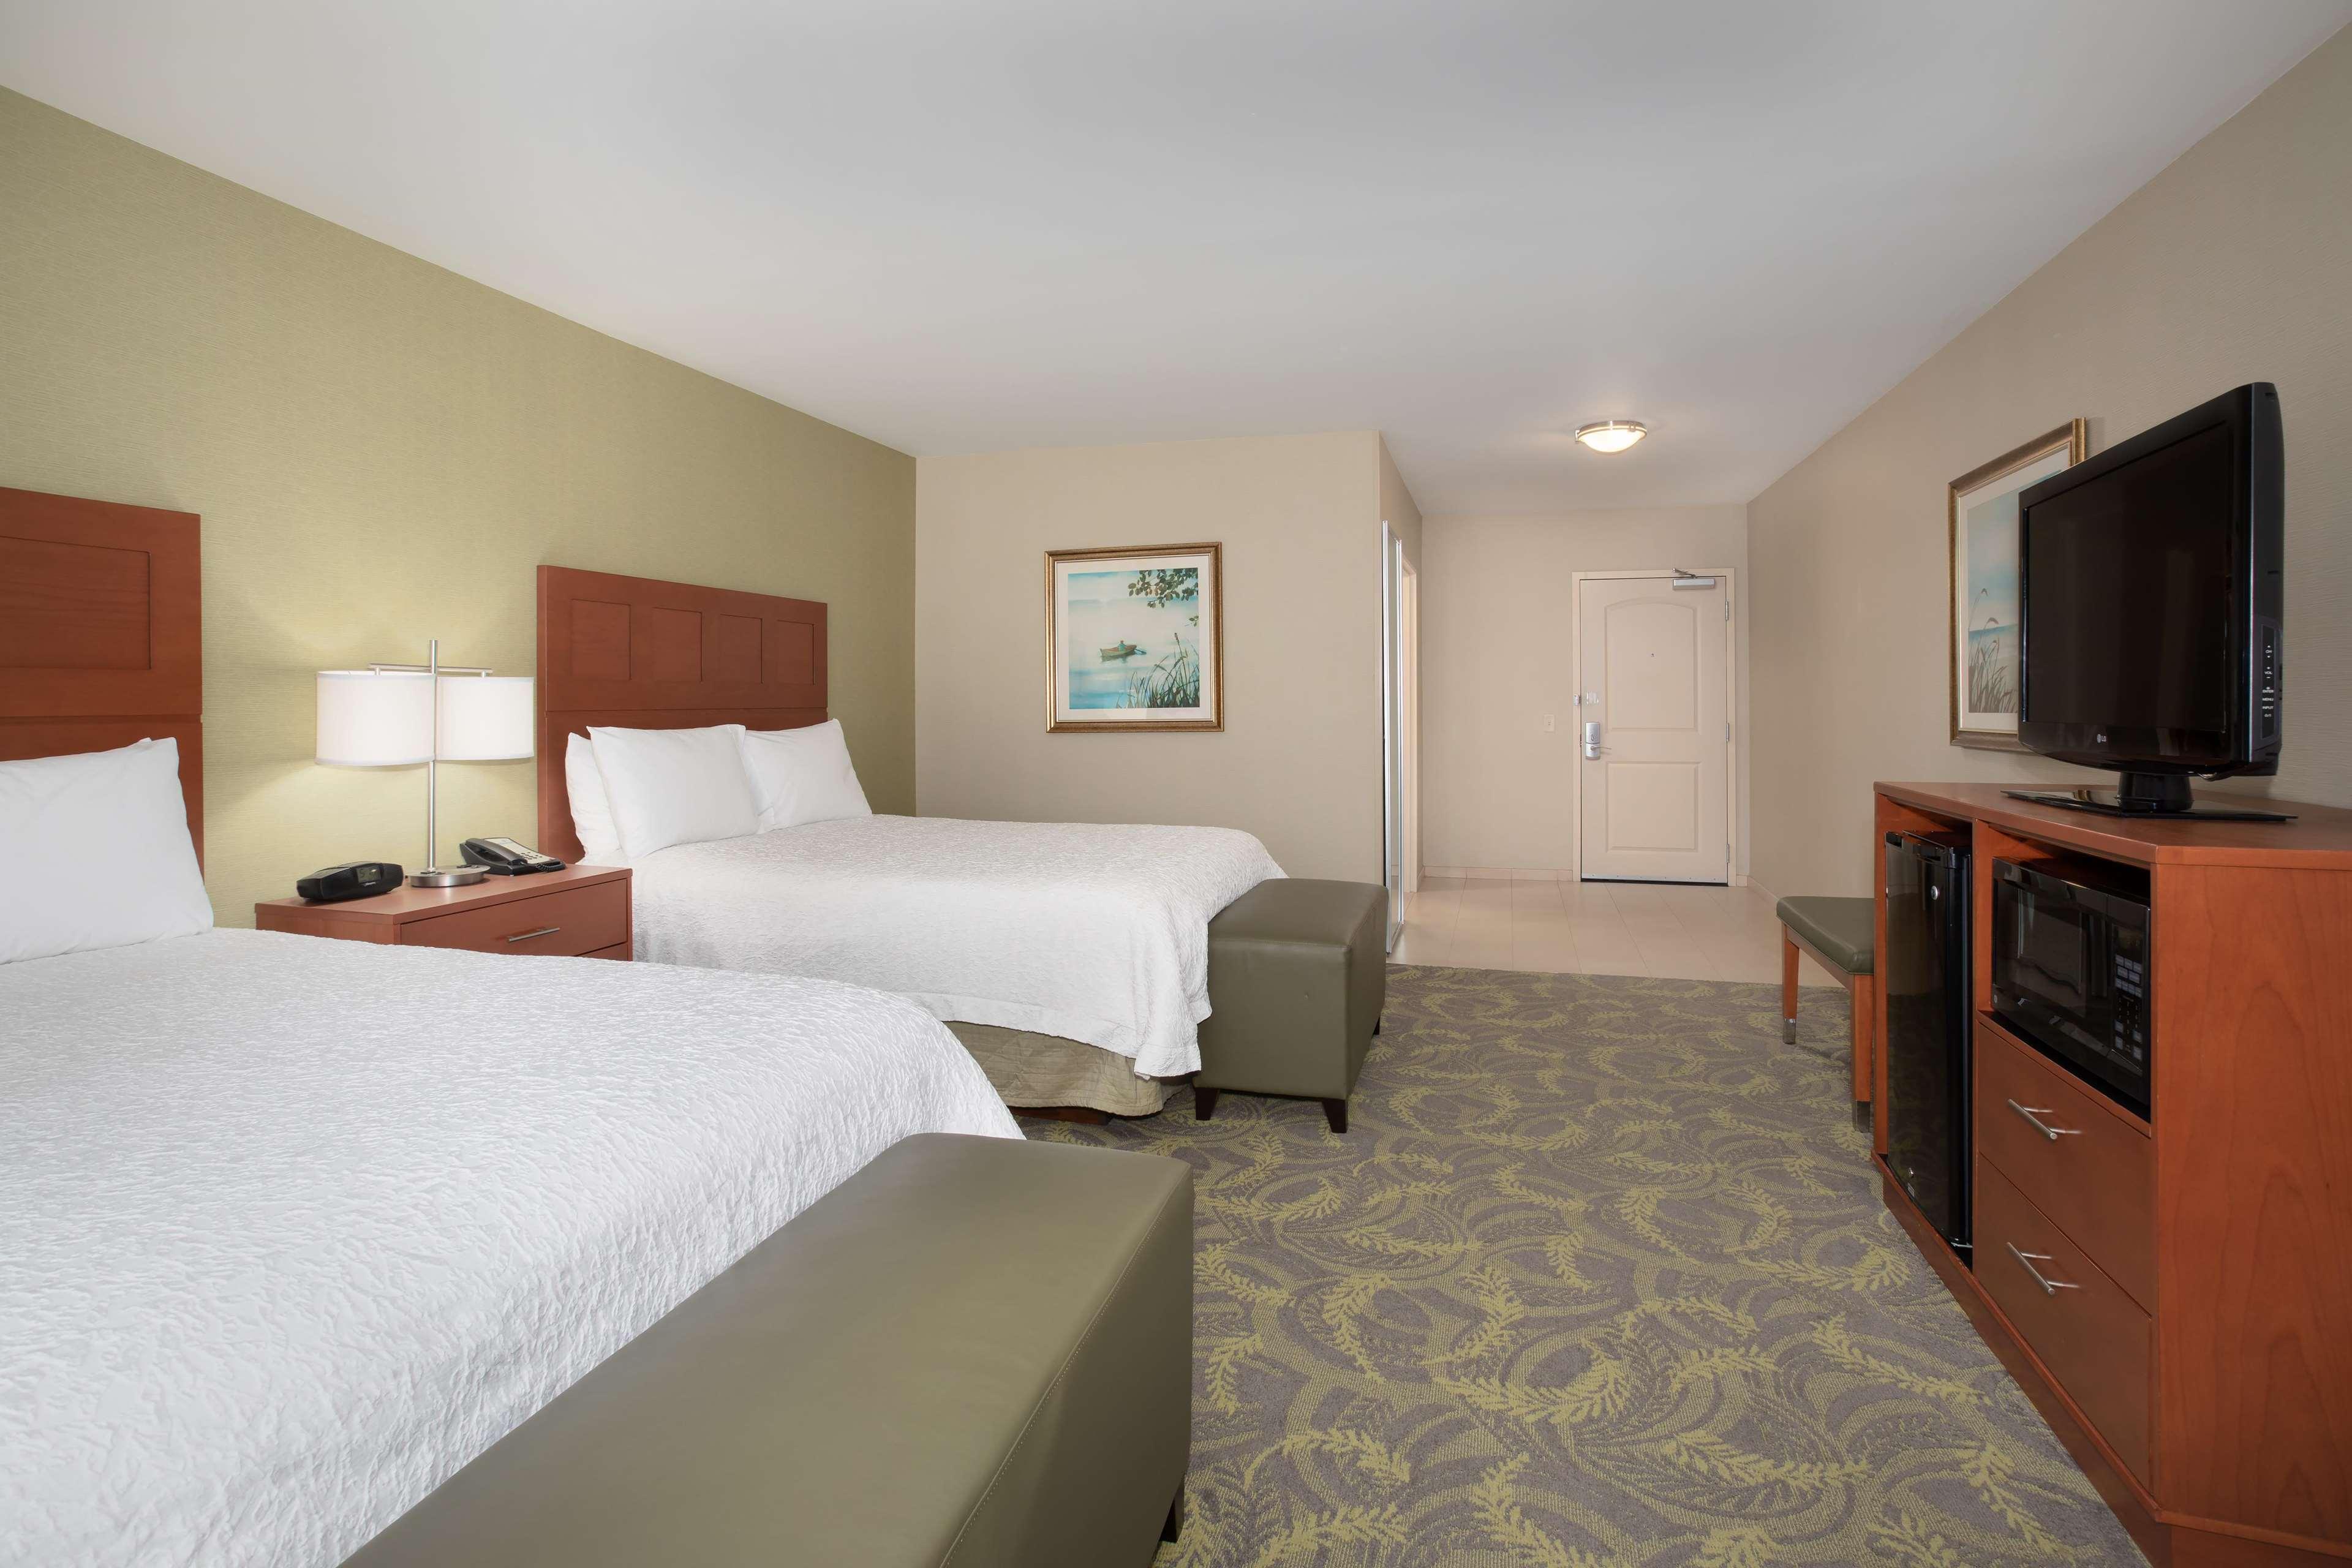 Hampton Inn & Suites Astoria image 32